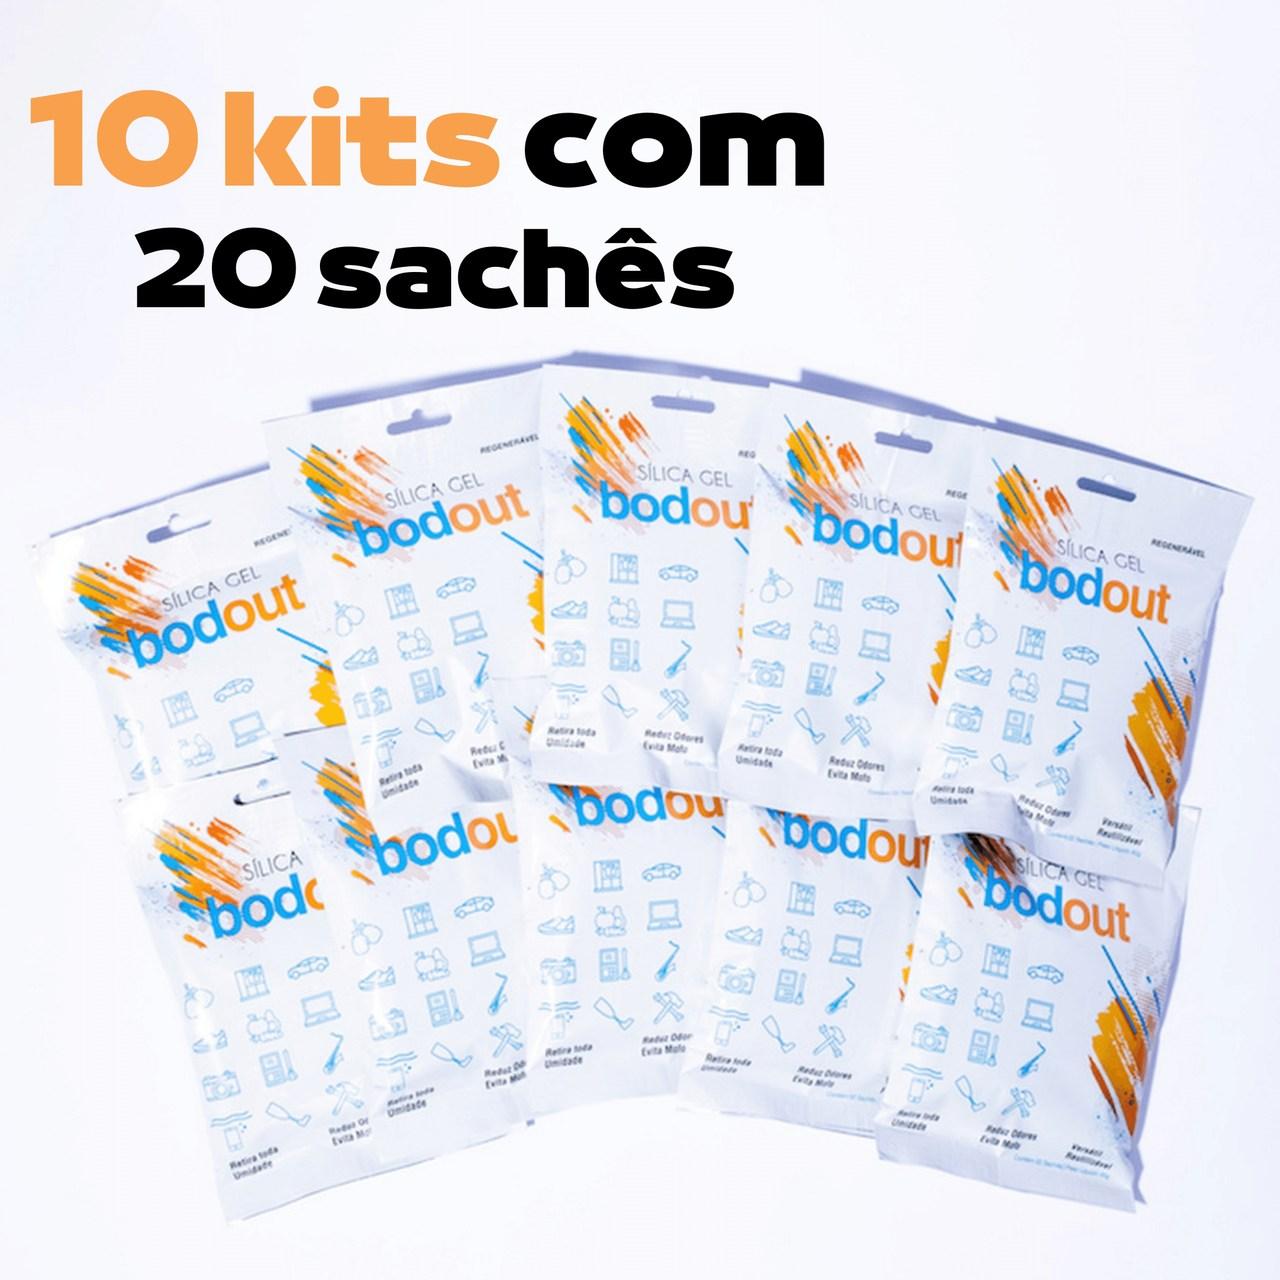 10 Kits com 20 sachês de Sílica gel bodout